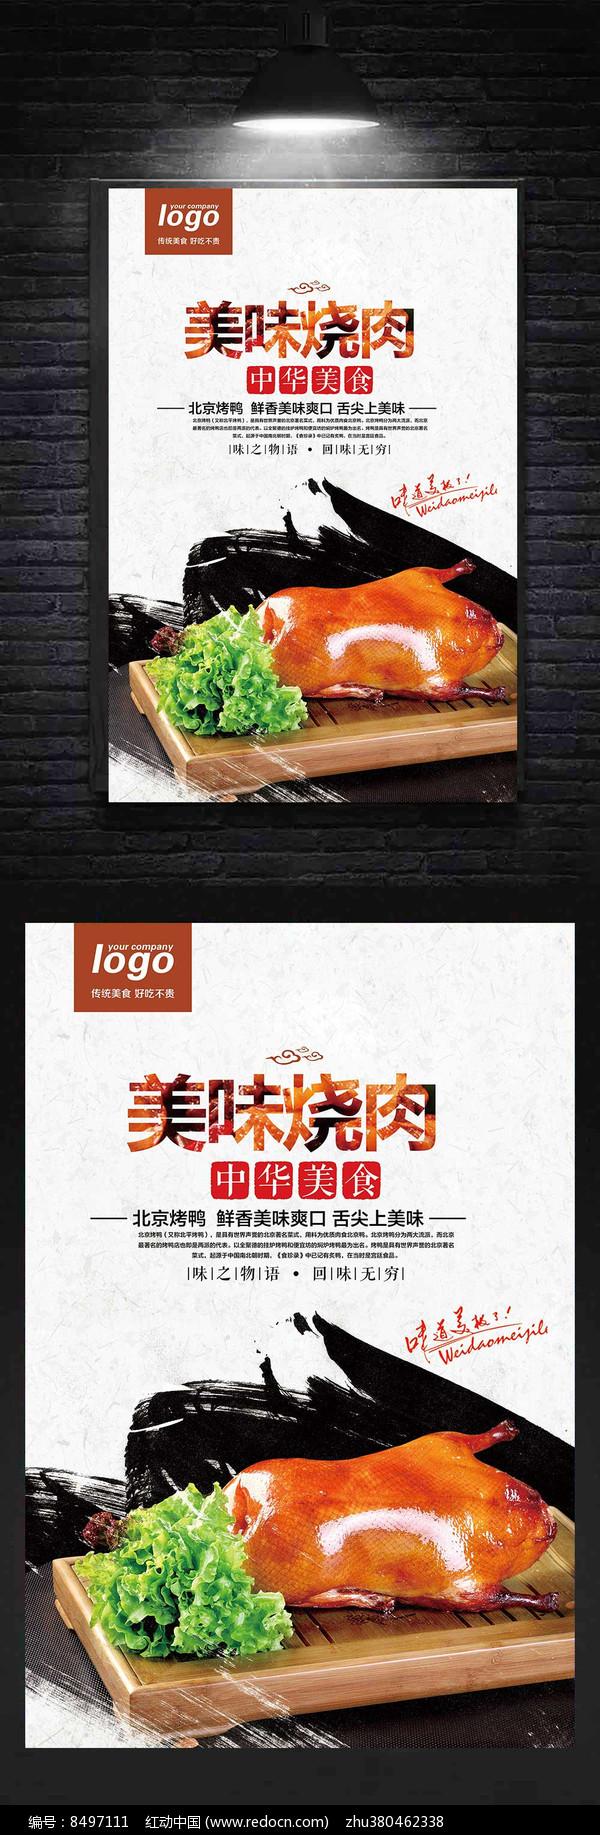 北京烤鸭美食海报设计图片